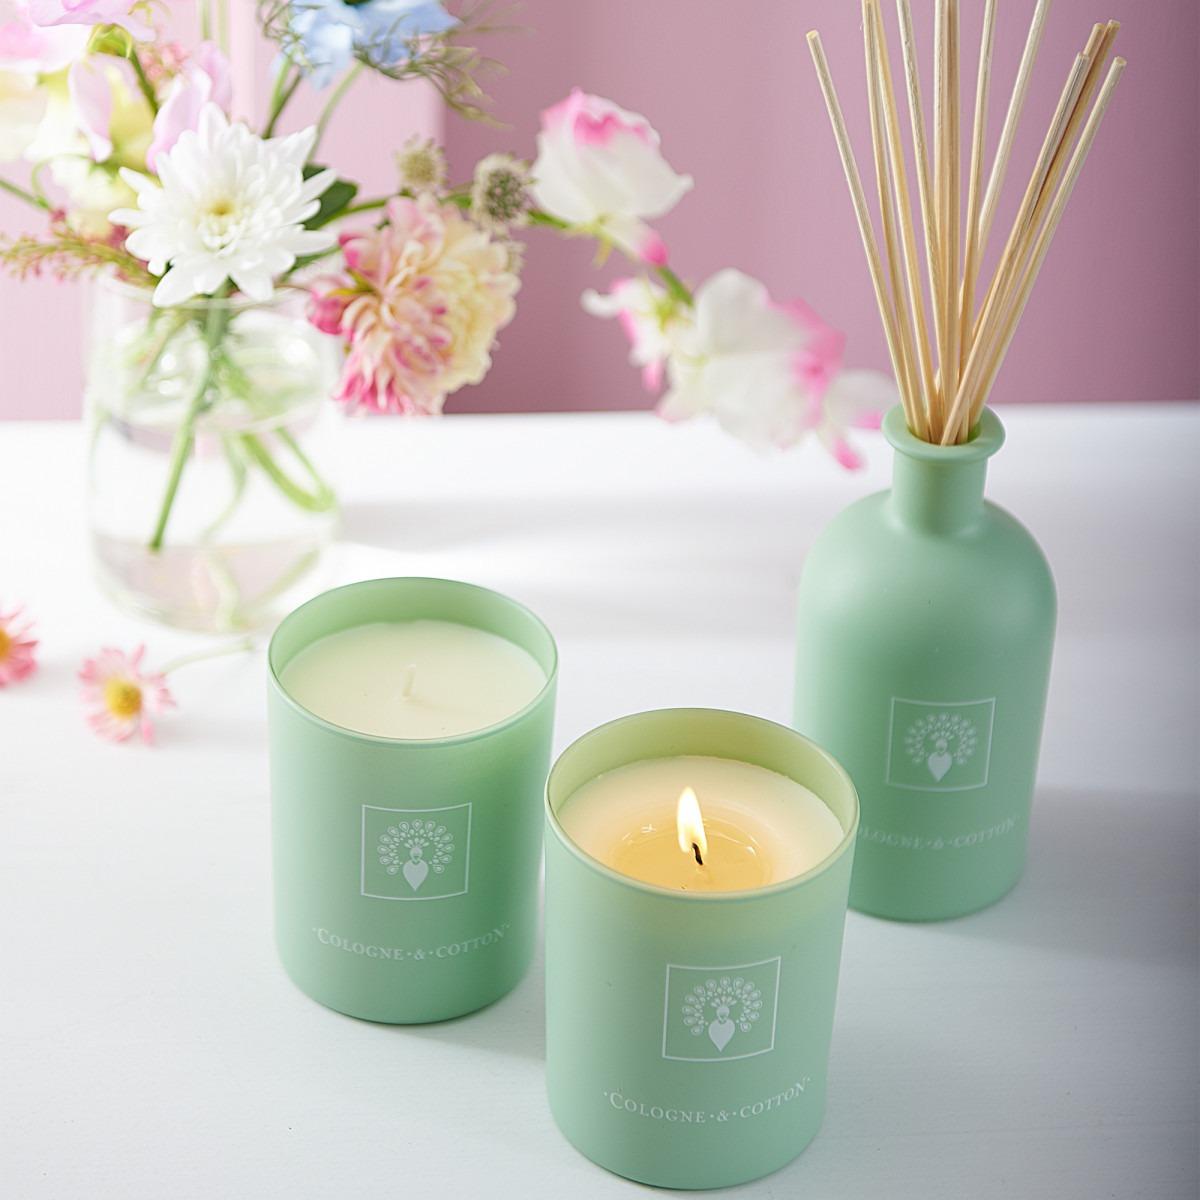 Cologne & Cotton Candle Lavender Geranium 180g